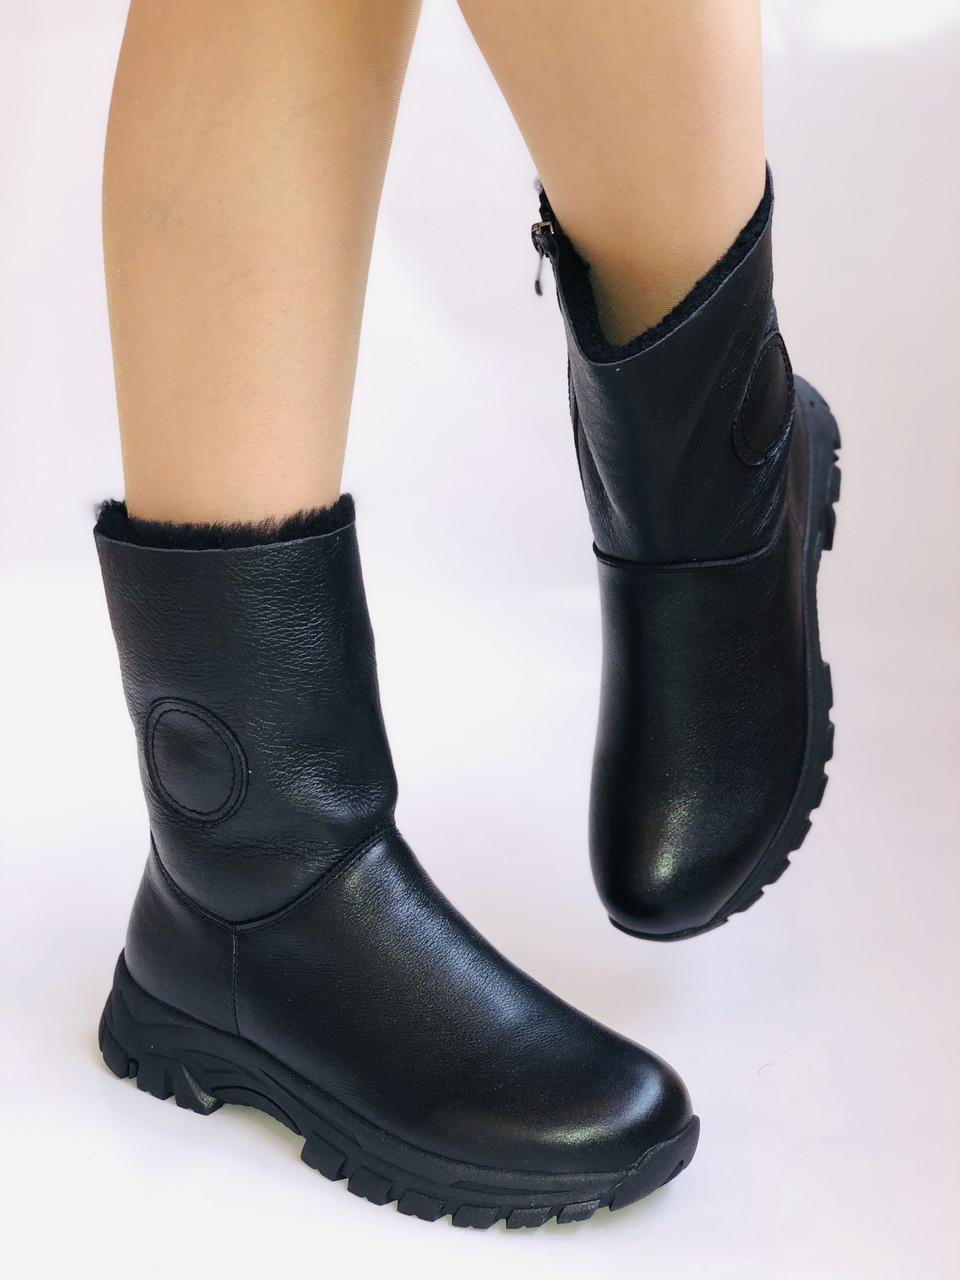 Зимние ботинки на натуральном меху на широкую ногу на низкой подошве натуральная кожа.24pfm  Р.36.38.39. 40.